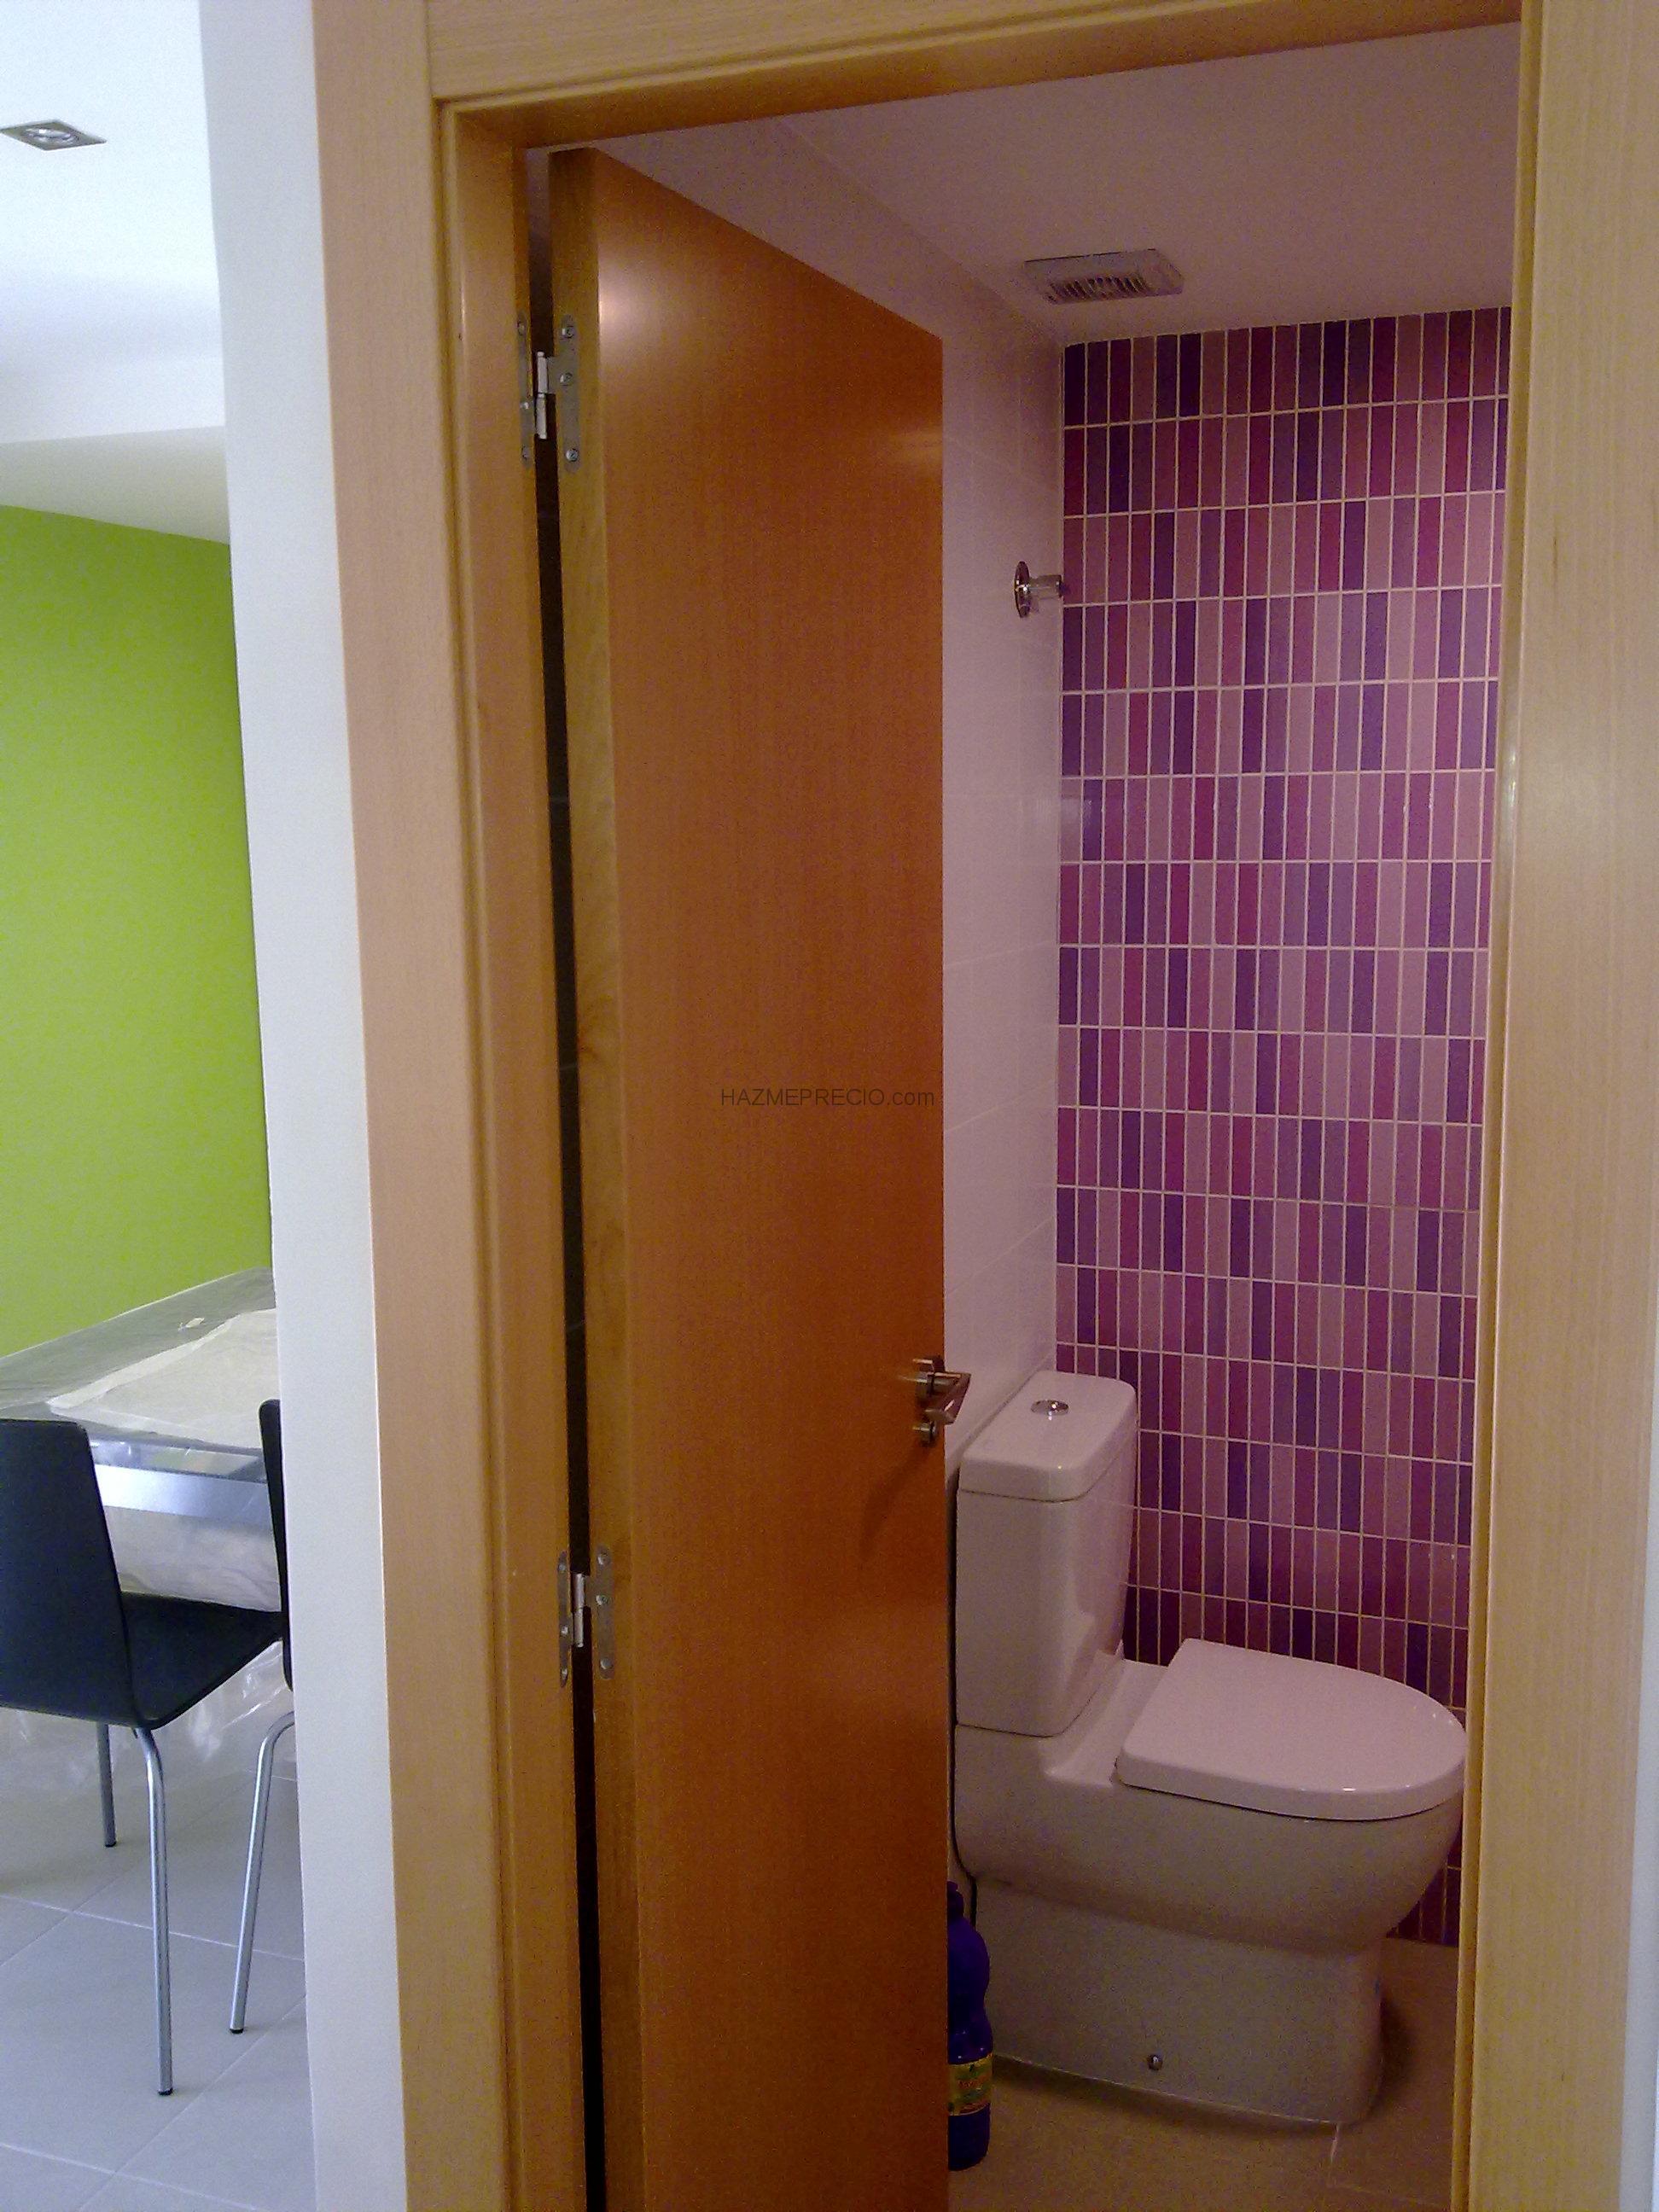 Azulejos Baño Fucsia:Cuarto de baño con azulejo precorte en fucsia, inodoro Jacob Delafont